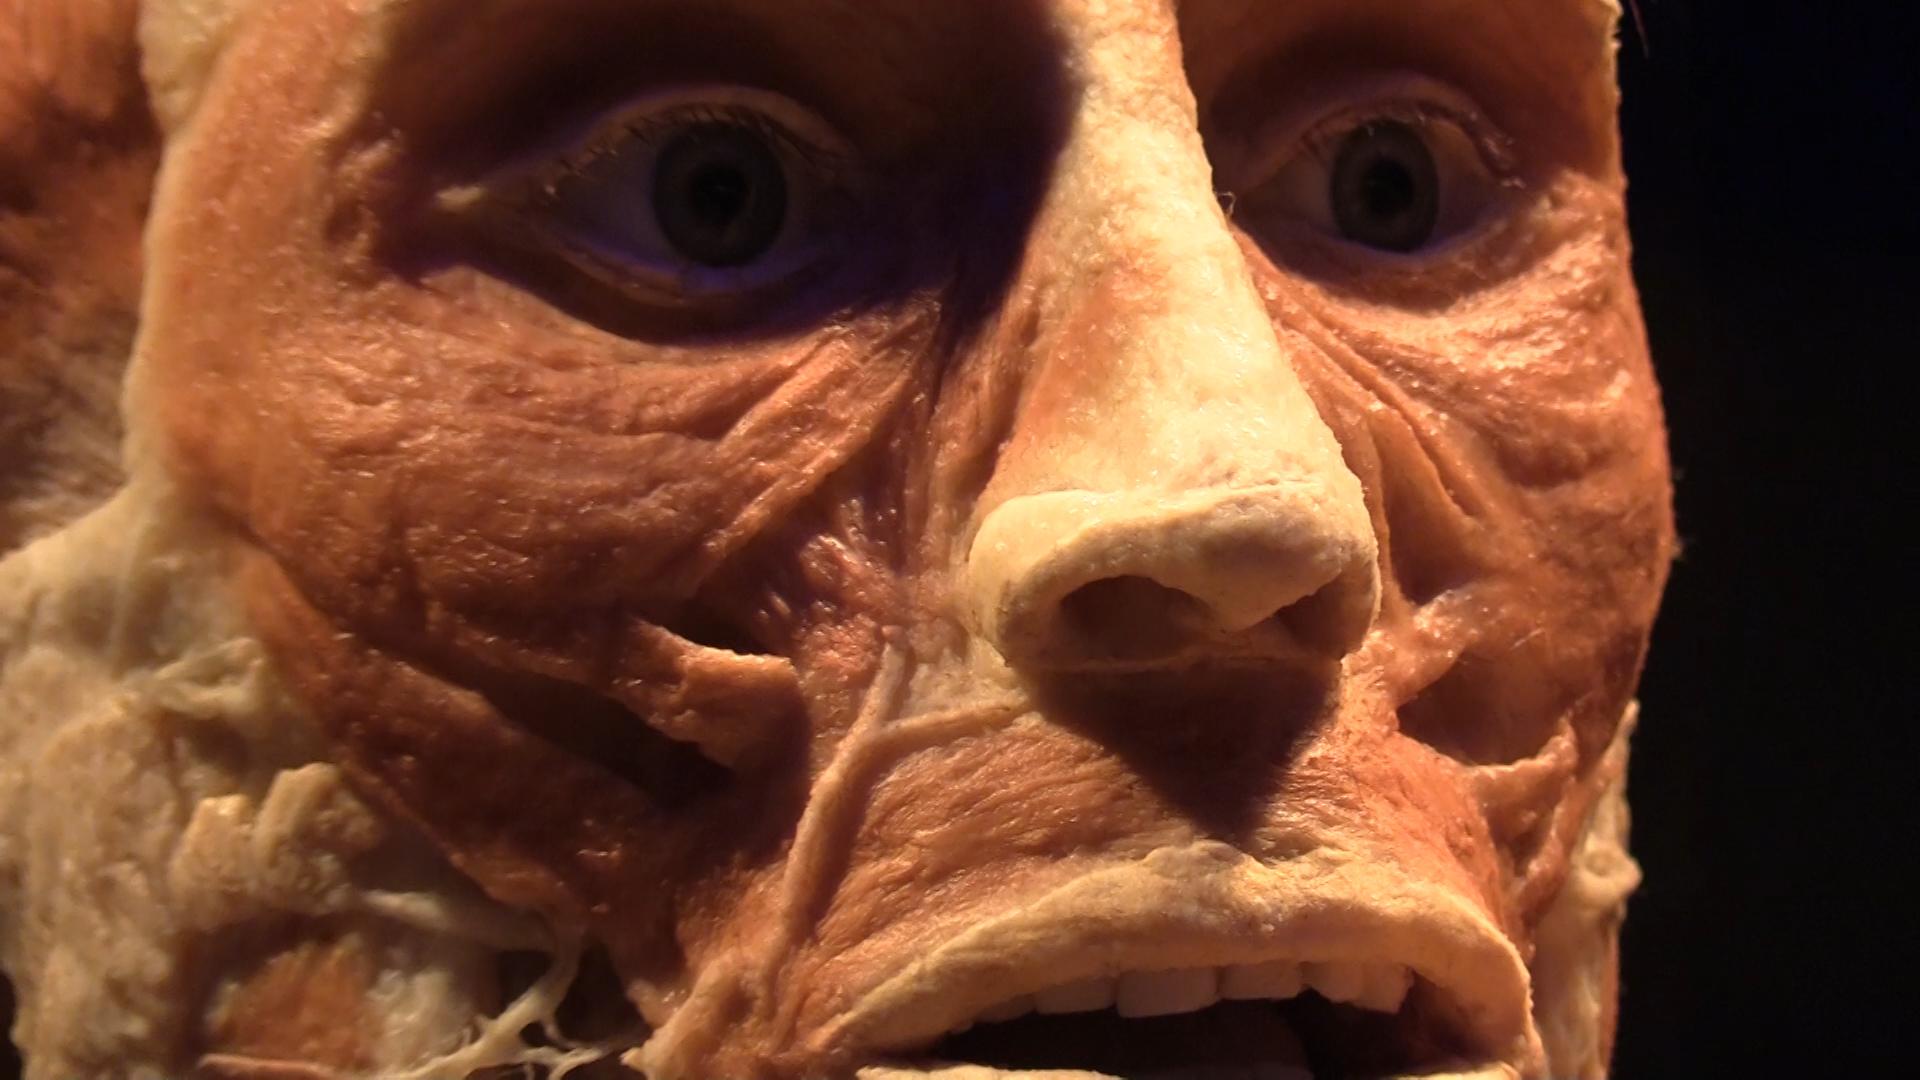 Особенно реалистично и пугающе выглядят застывшие лица экспонатов. Фото © LIFE